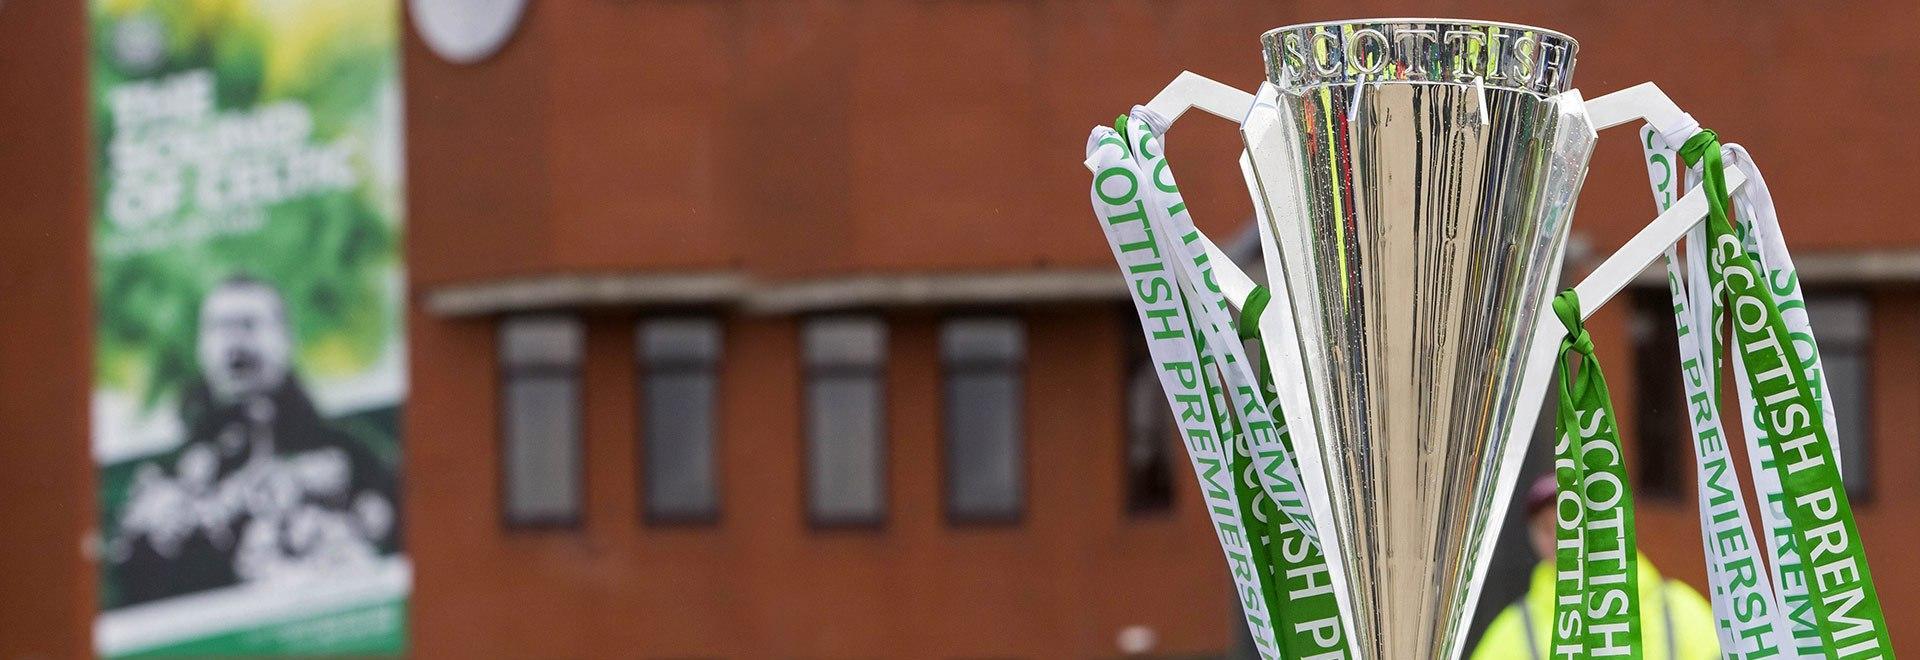 Aberdeen - Rangers. 1a g.